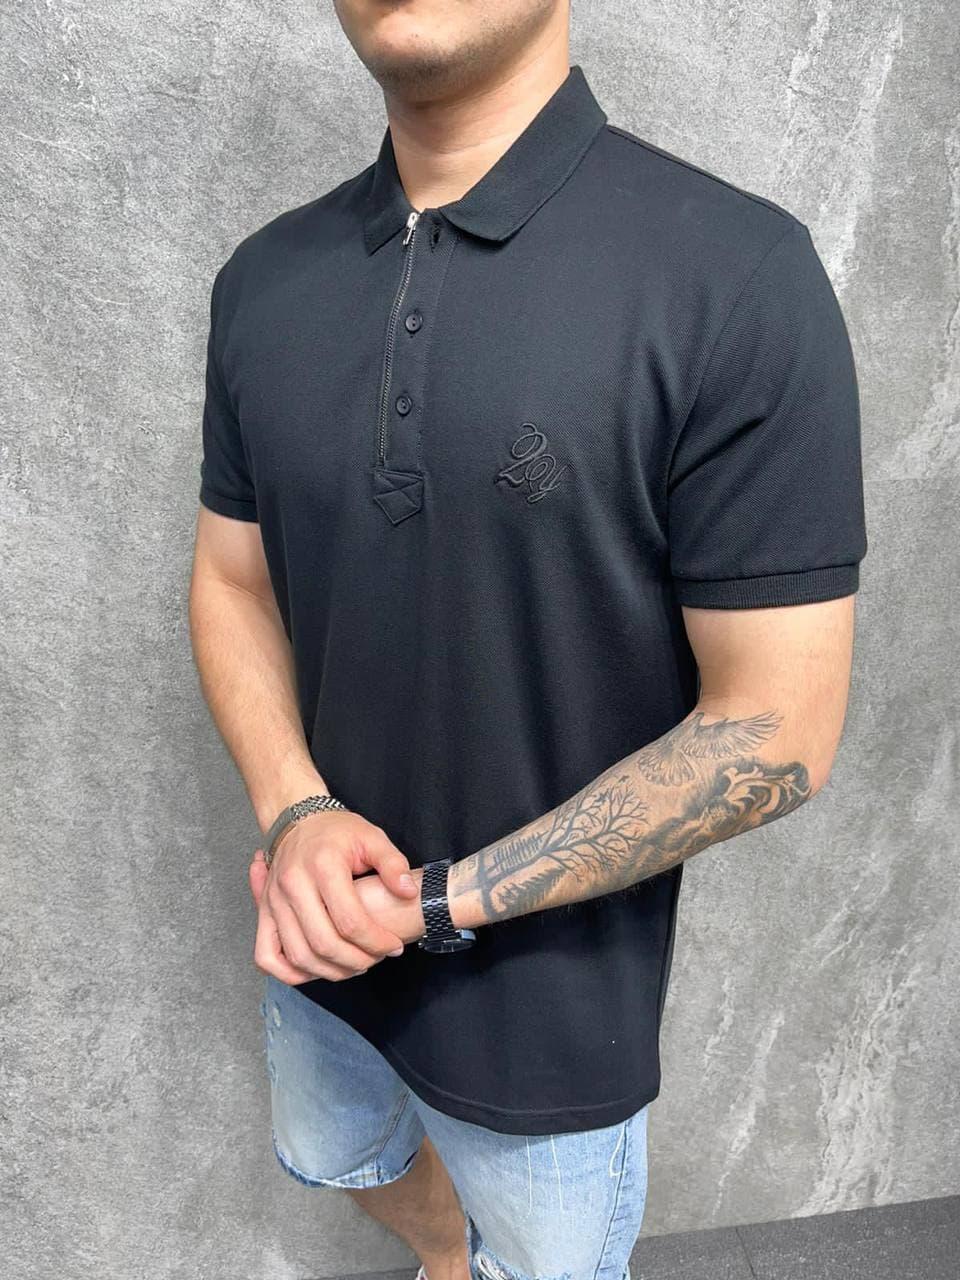 Чоловіча футболка поло (чорна) класична сучасна одяг на літо AT-6061